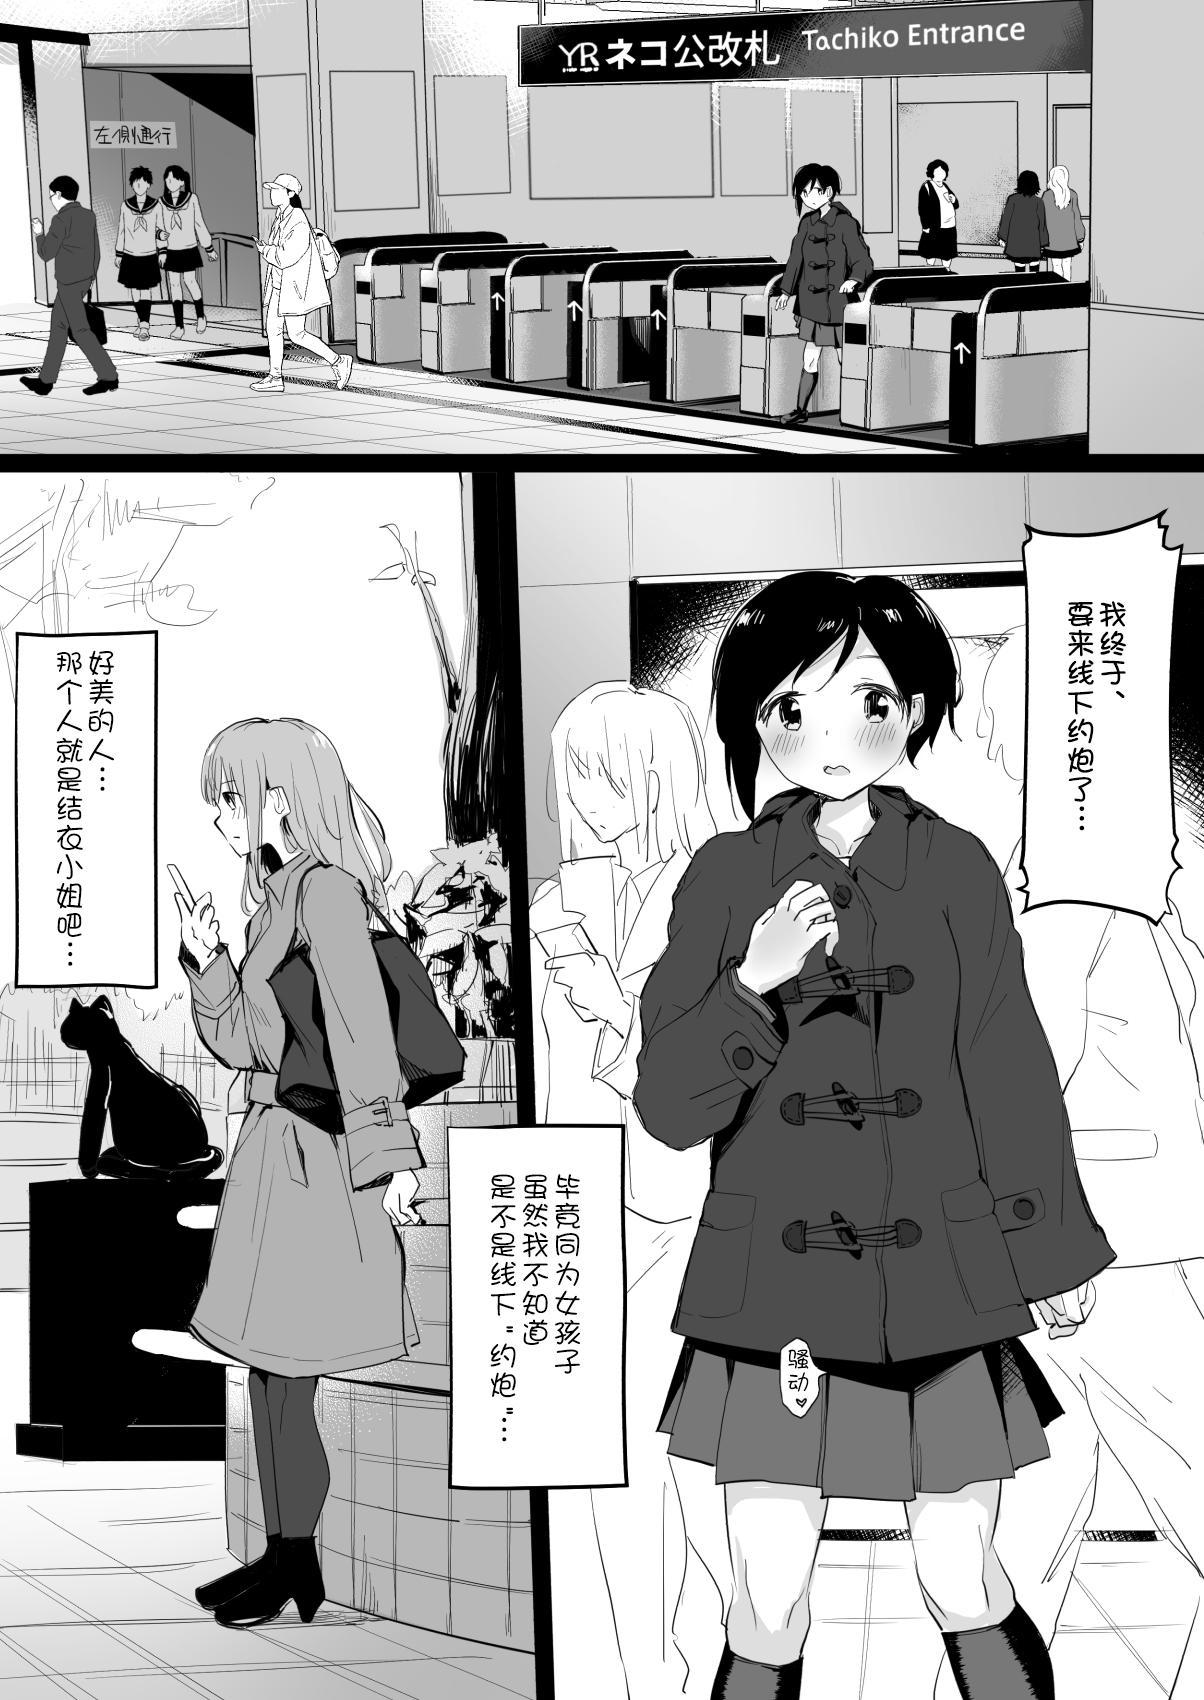 Do M Uraaka Joshi ga Kousoku Yuri Ecchi de Onna Doushi no Yosa o Oshiekomarechau Hon 10